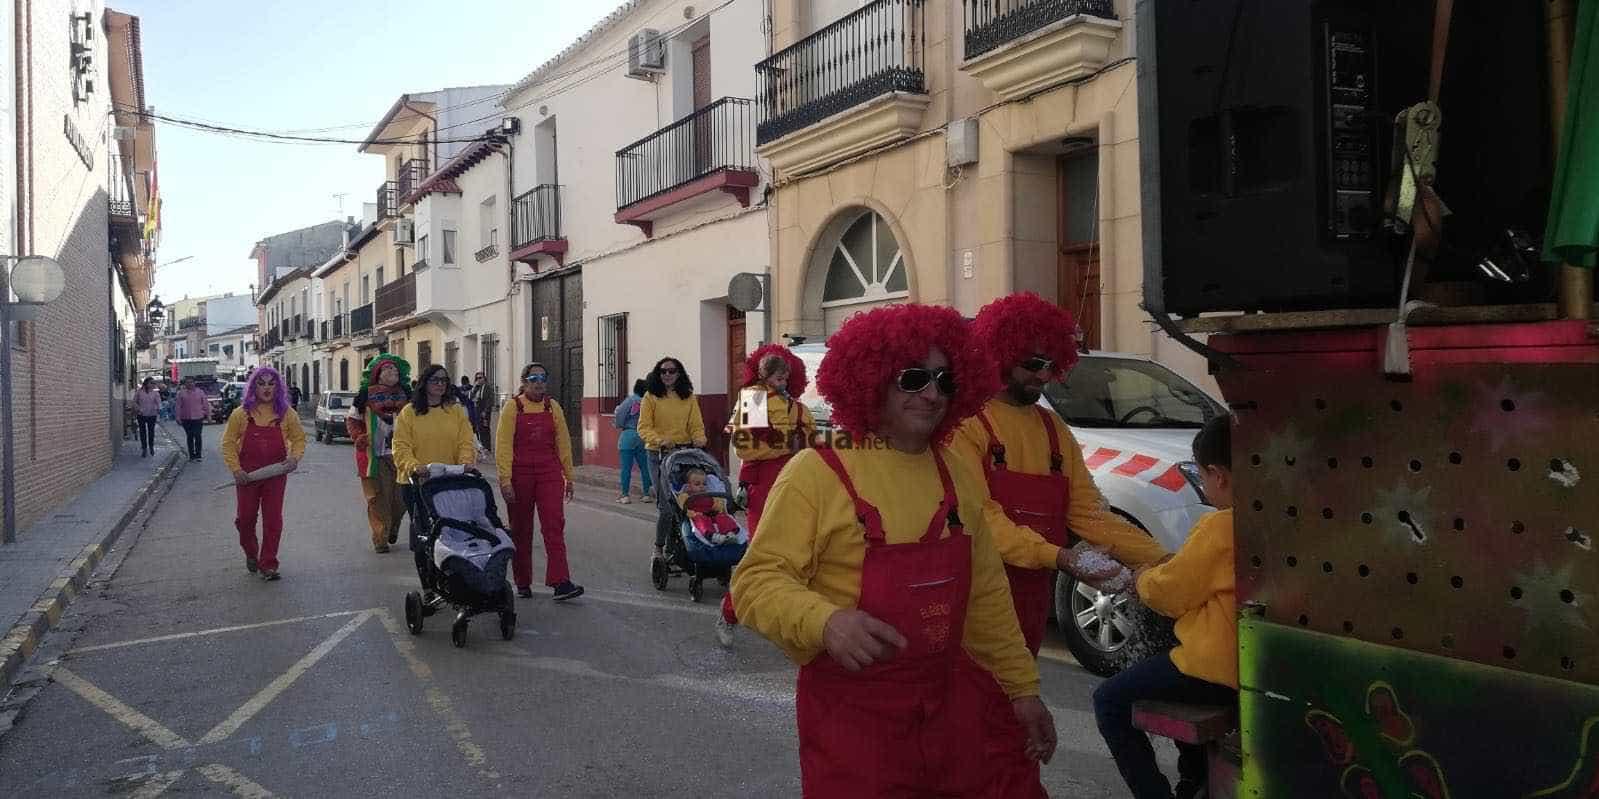 Carnaval herencia 2020 pasacalles domingo deseosas 17 - El Domingo de las Deseosas invita a todo el mundo al Carnaval de Herencia